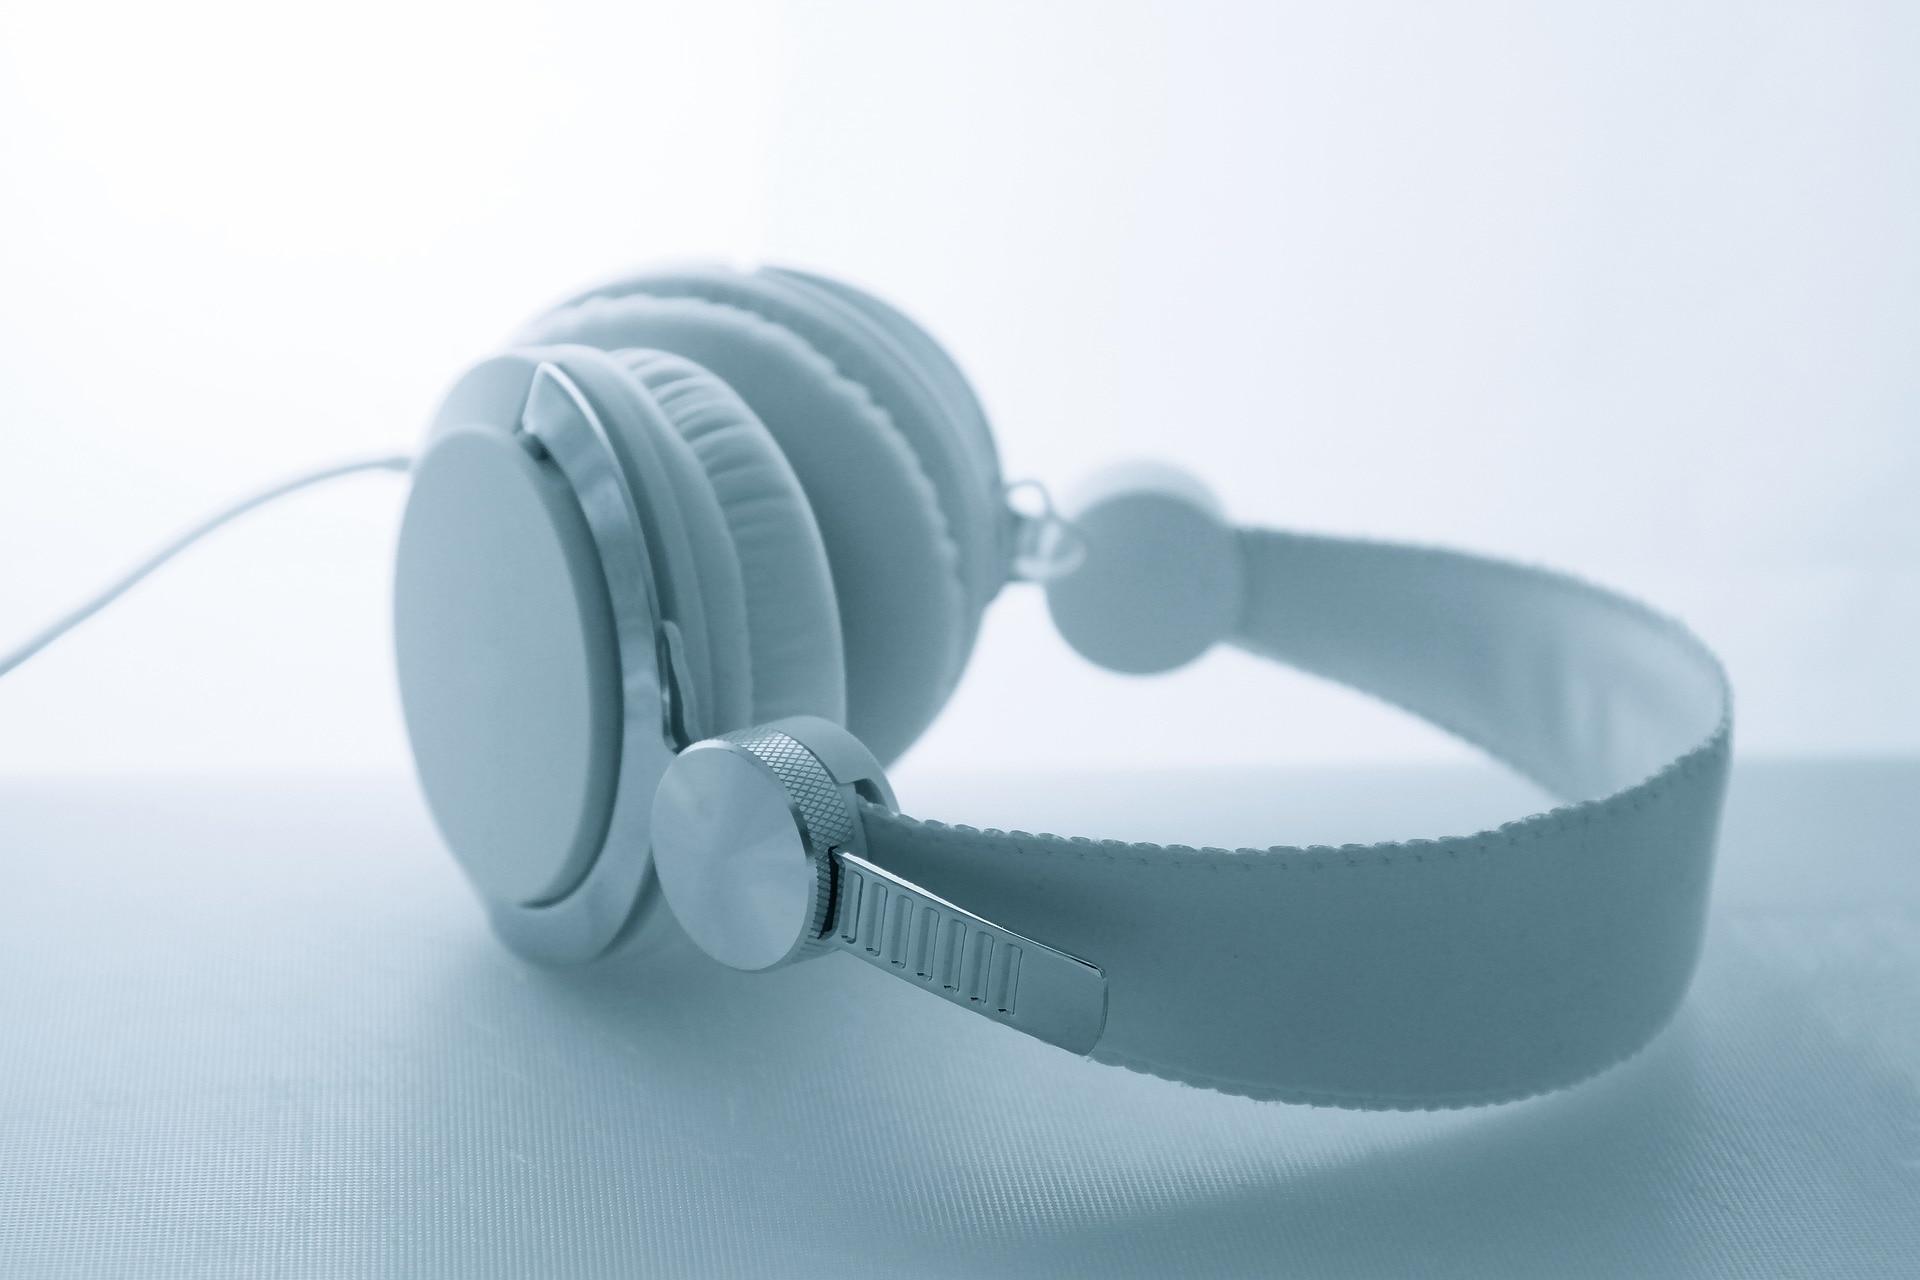 网易云付费音乐免费下载MP3格式的方法